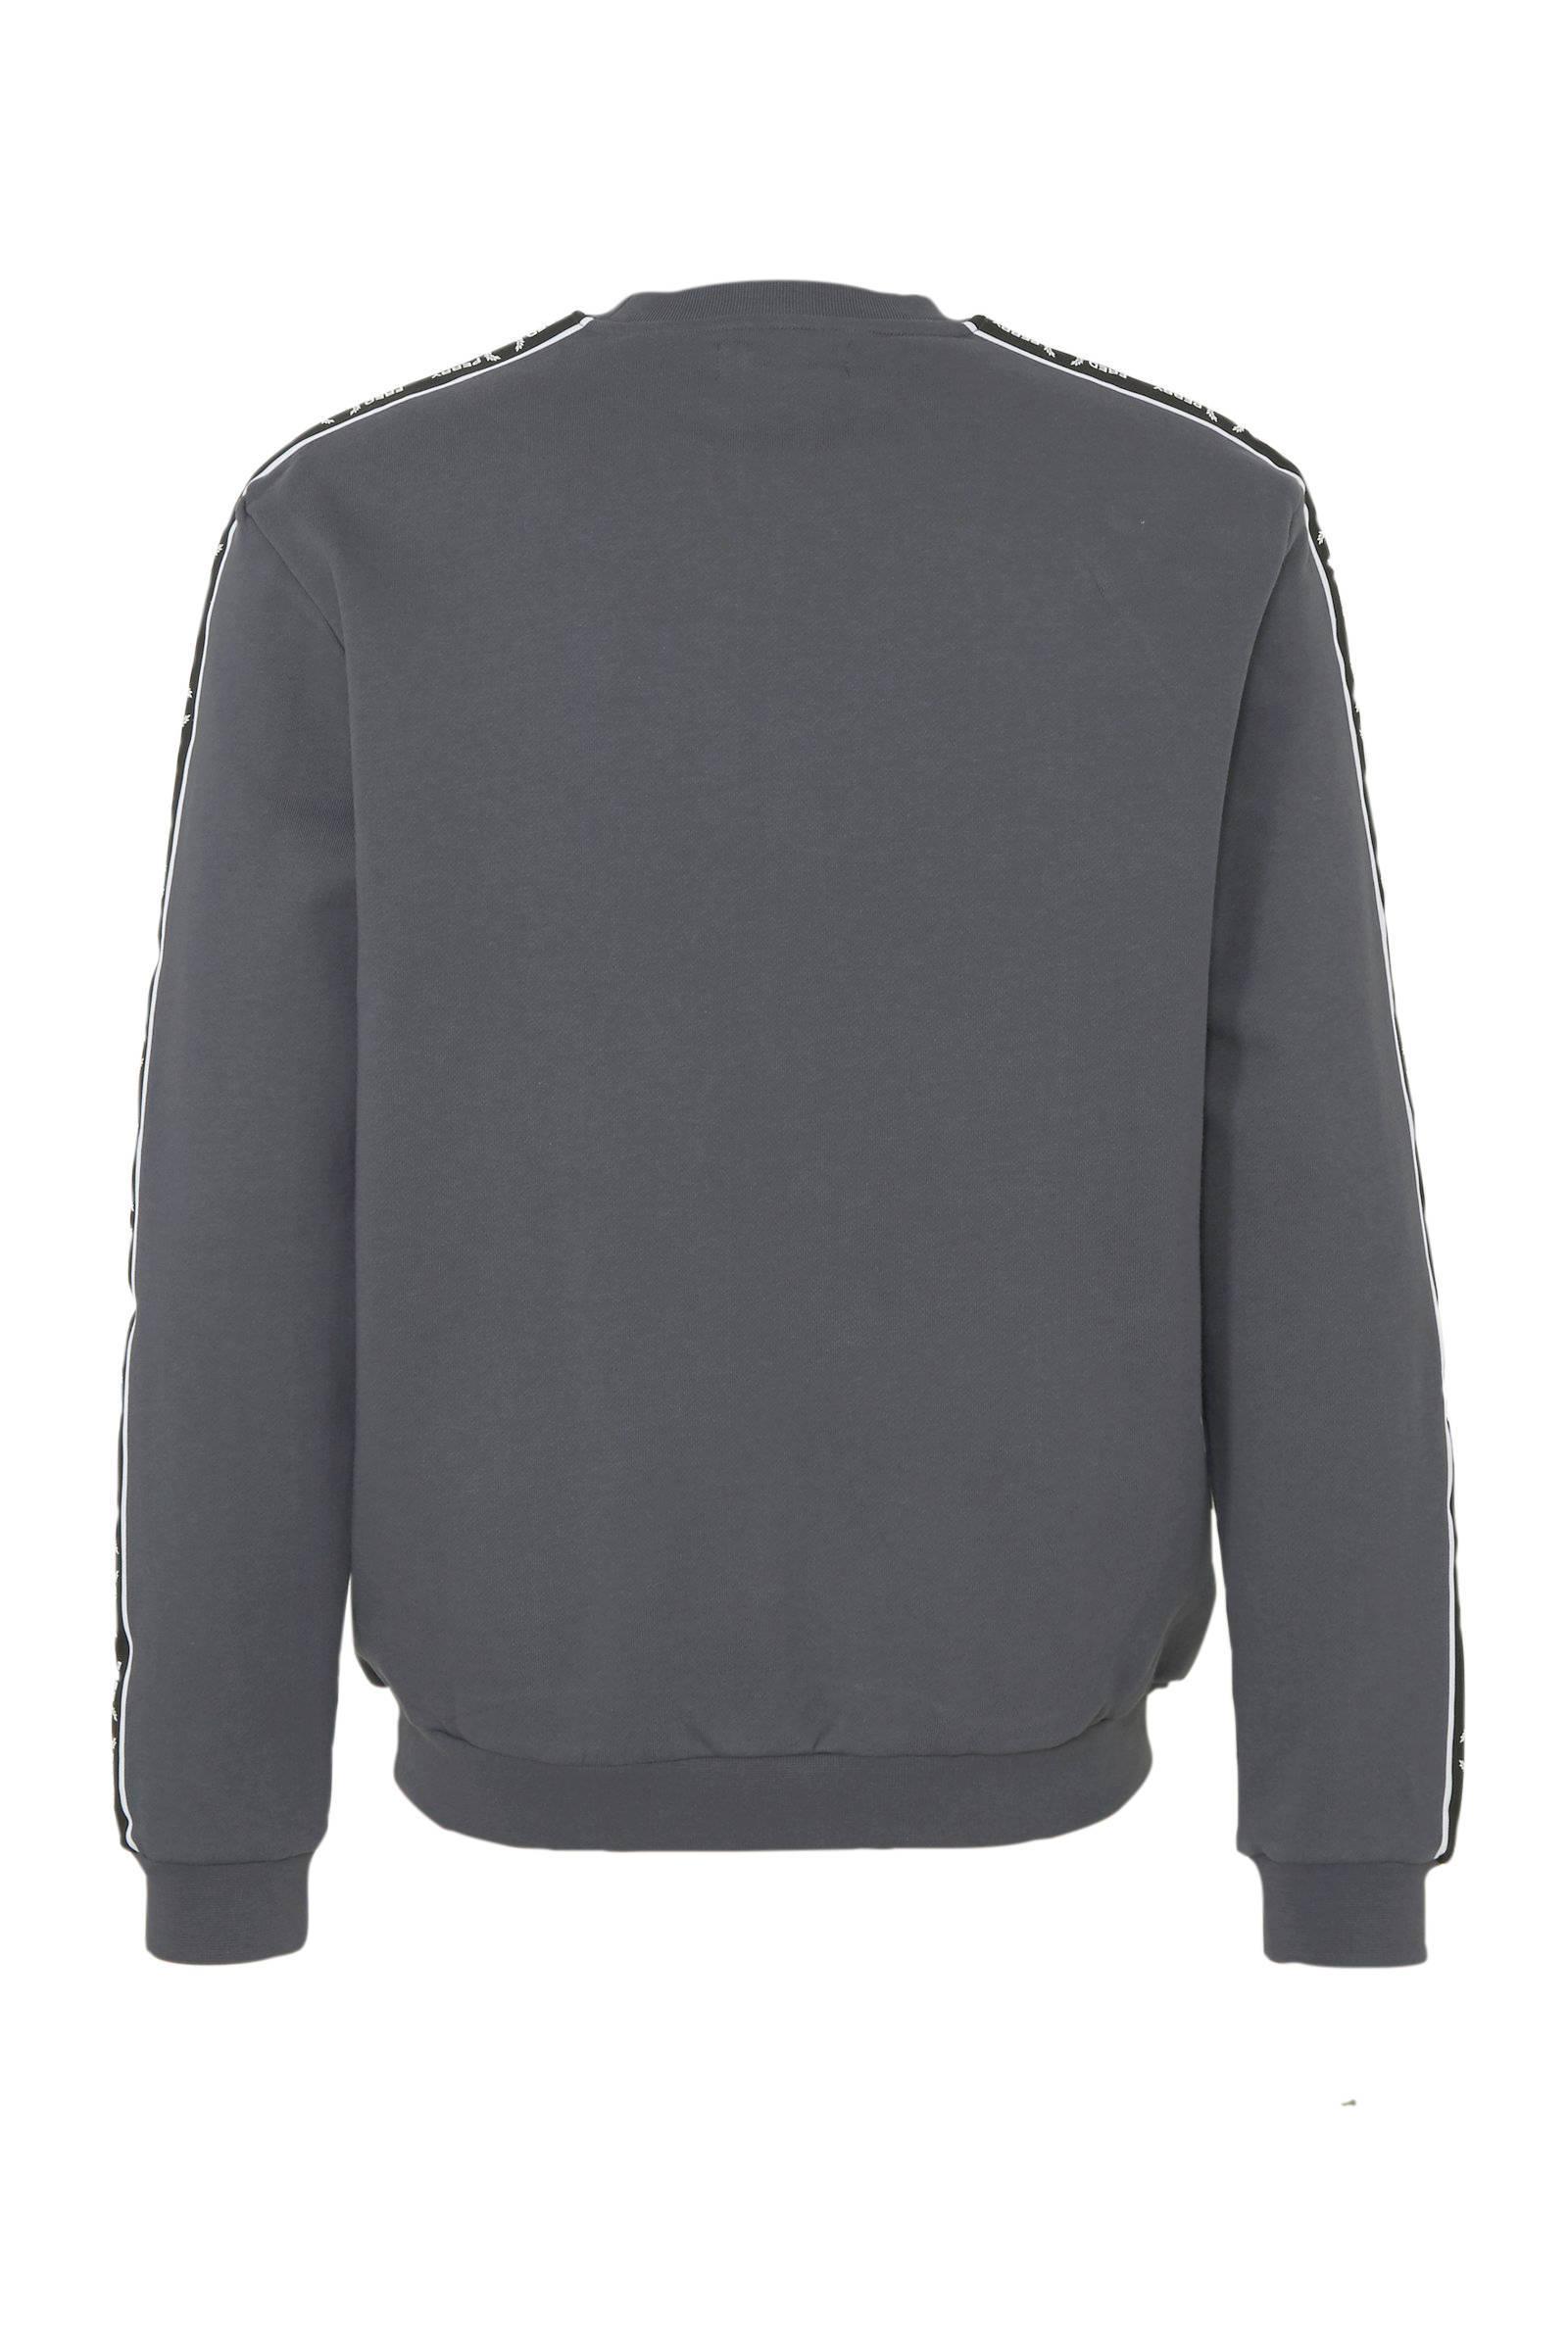 Fred Perry Sweater Antraciet in het Grijs voor heren